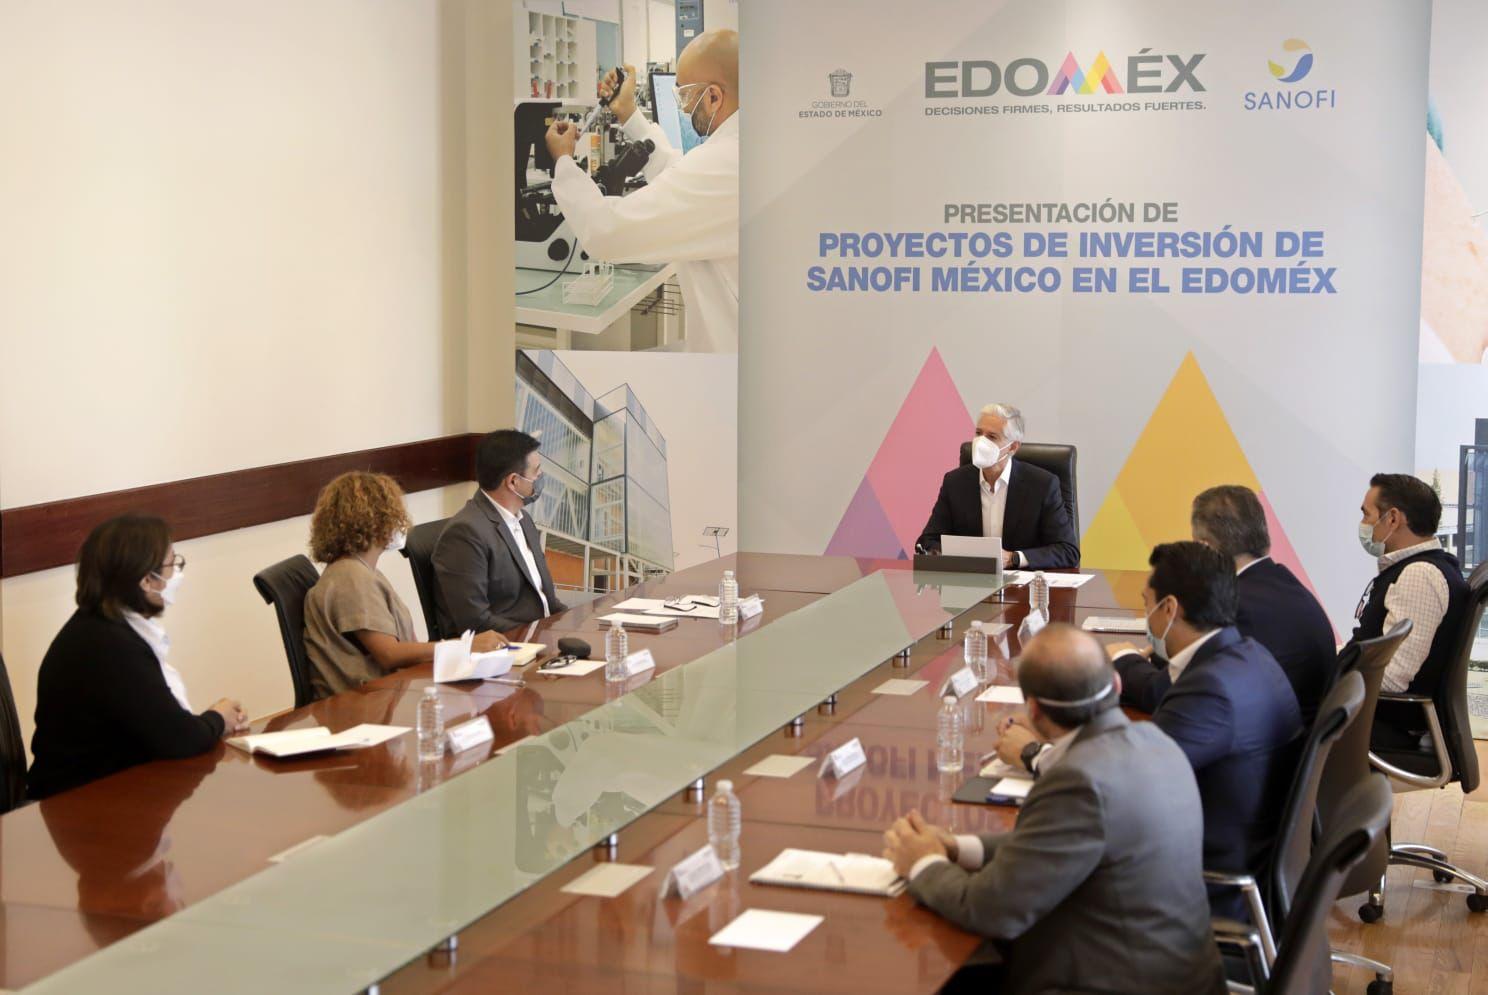 EMPRESA SANOFI MÉXICO INVERTIRÁ 129 MILLONES DE EUROS EN EDOMÉX